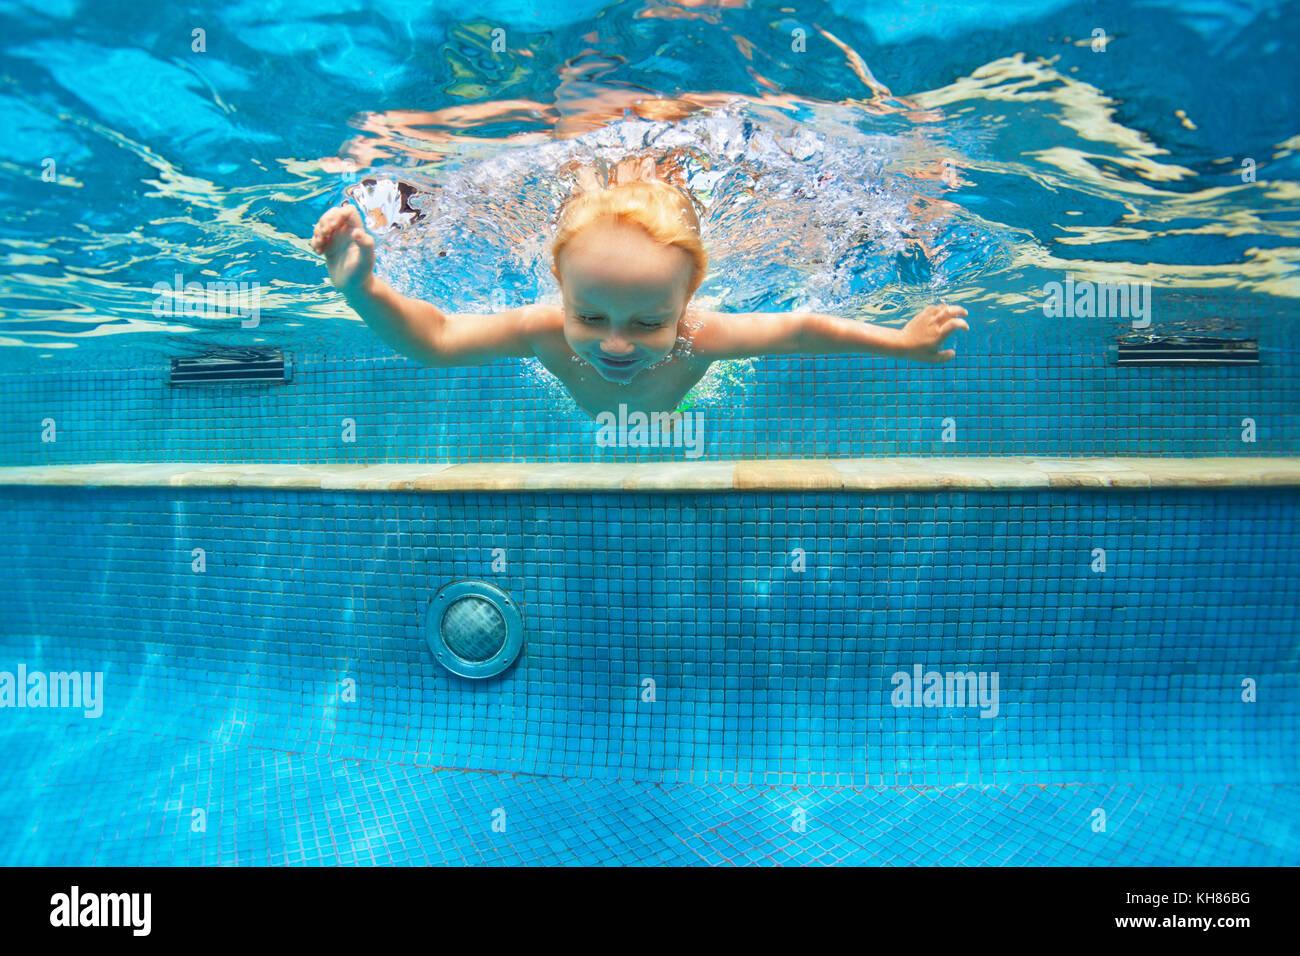 Funny enfant à apprendre la natation, plongée en piscine bleu avec plaisir - sauts bas profond sous l'eau avec éclaboussures. Banque D'Images